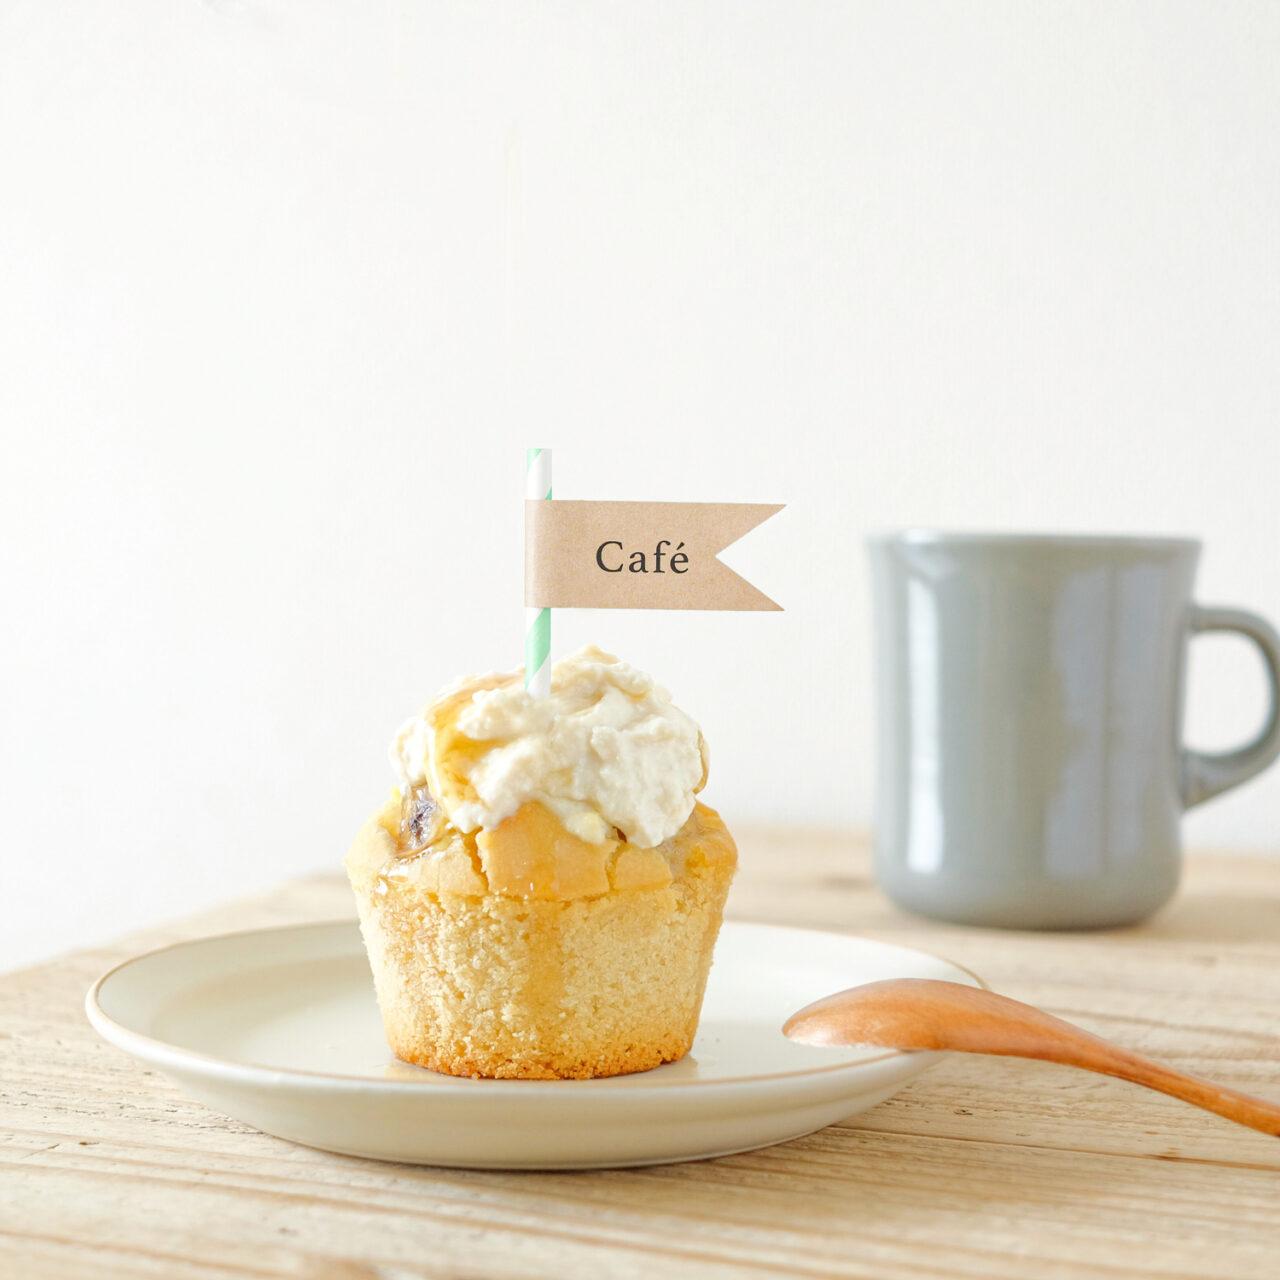 【MERYイベント】見たらマネしたくなる!4つのおうちカフェレシピをご紹介♡